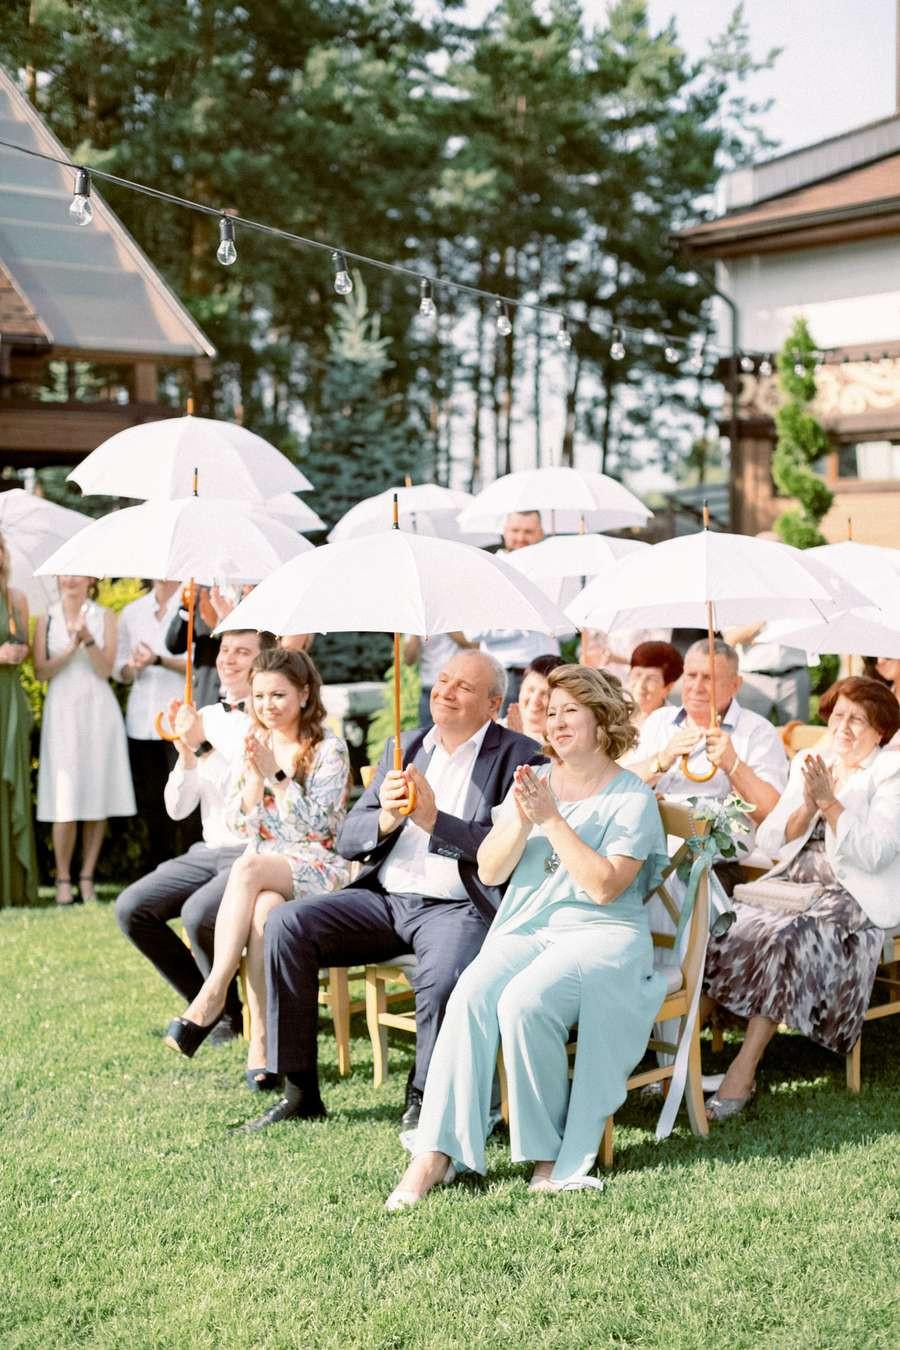 свадьба летом, под солнцем, что делать если жарко, свадебная церемония, гости под зонтами, белые зонты на свадьбу, Киев, арендовать зонты на свадьбу, Украина, свадебное агентство муза-вединг, MUZA-wedding